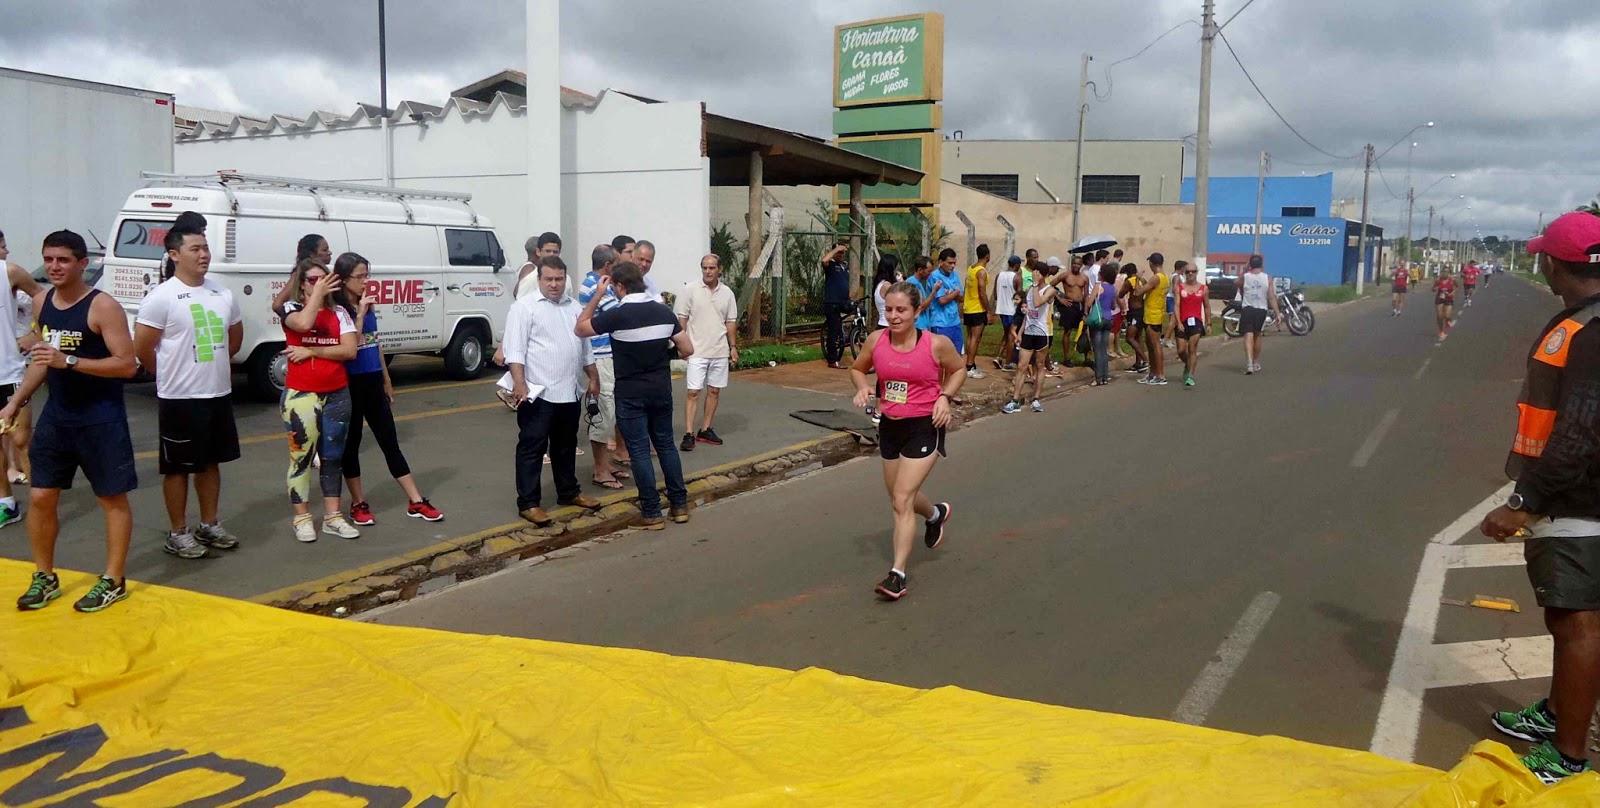 Foto 161 da 1ª Corrida Av. dos Coqueiros em Barretos-SP 14/04/2013 – Atletas cruzando a linha de chegada